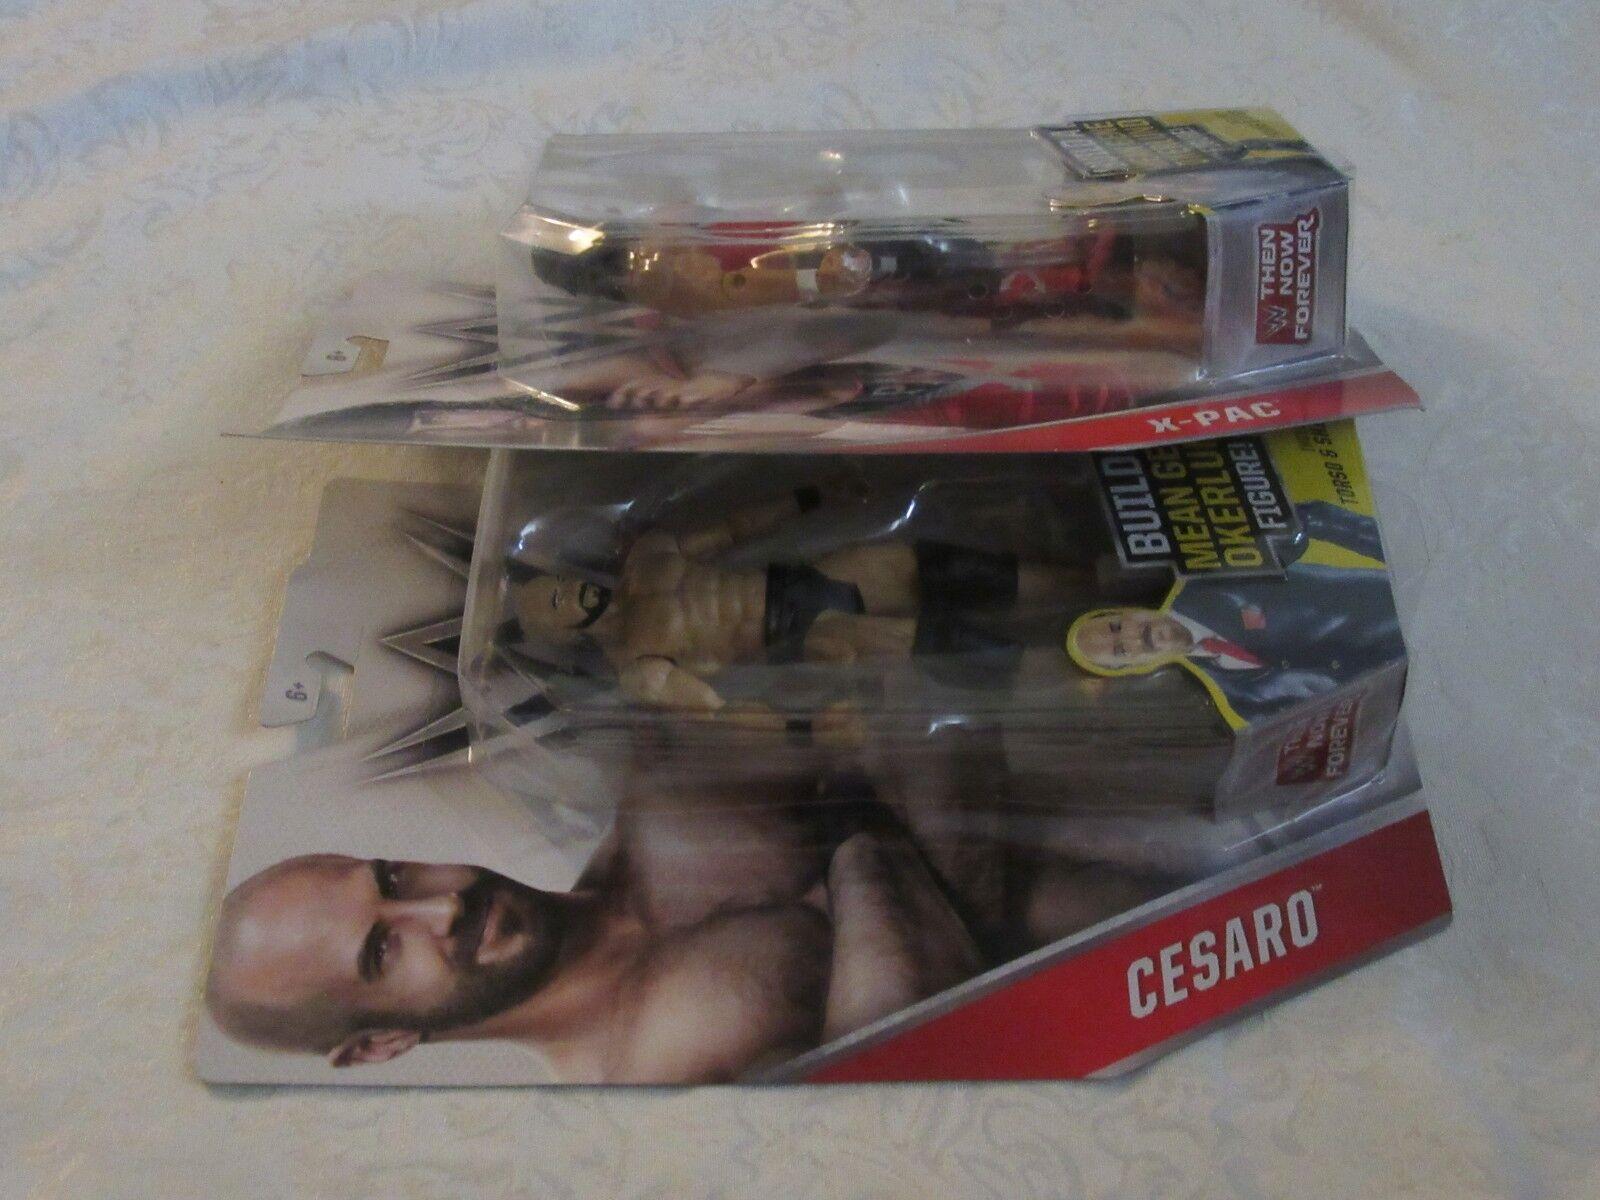 Mattel Mean WWE Then Now Forever BAF Mean Mattel Gene Okerlund Figure Triple H Lot of 2 47236c